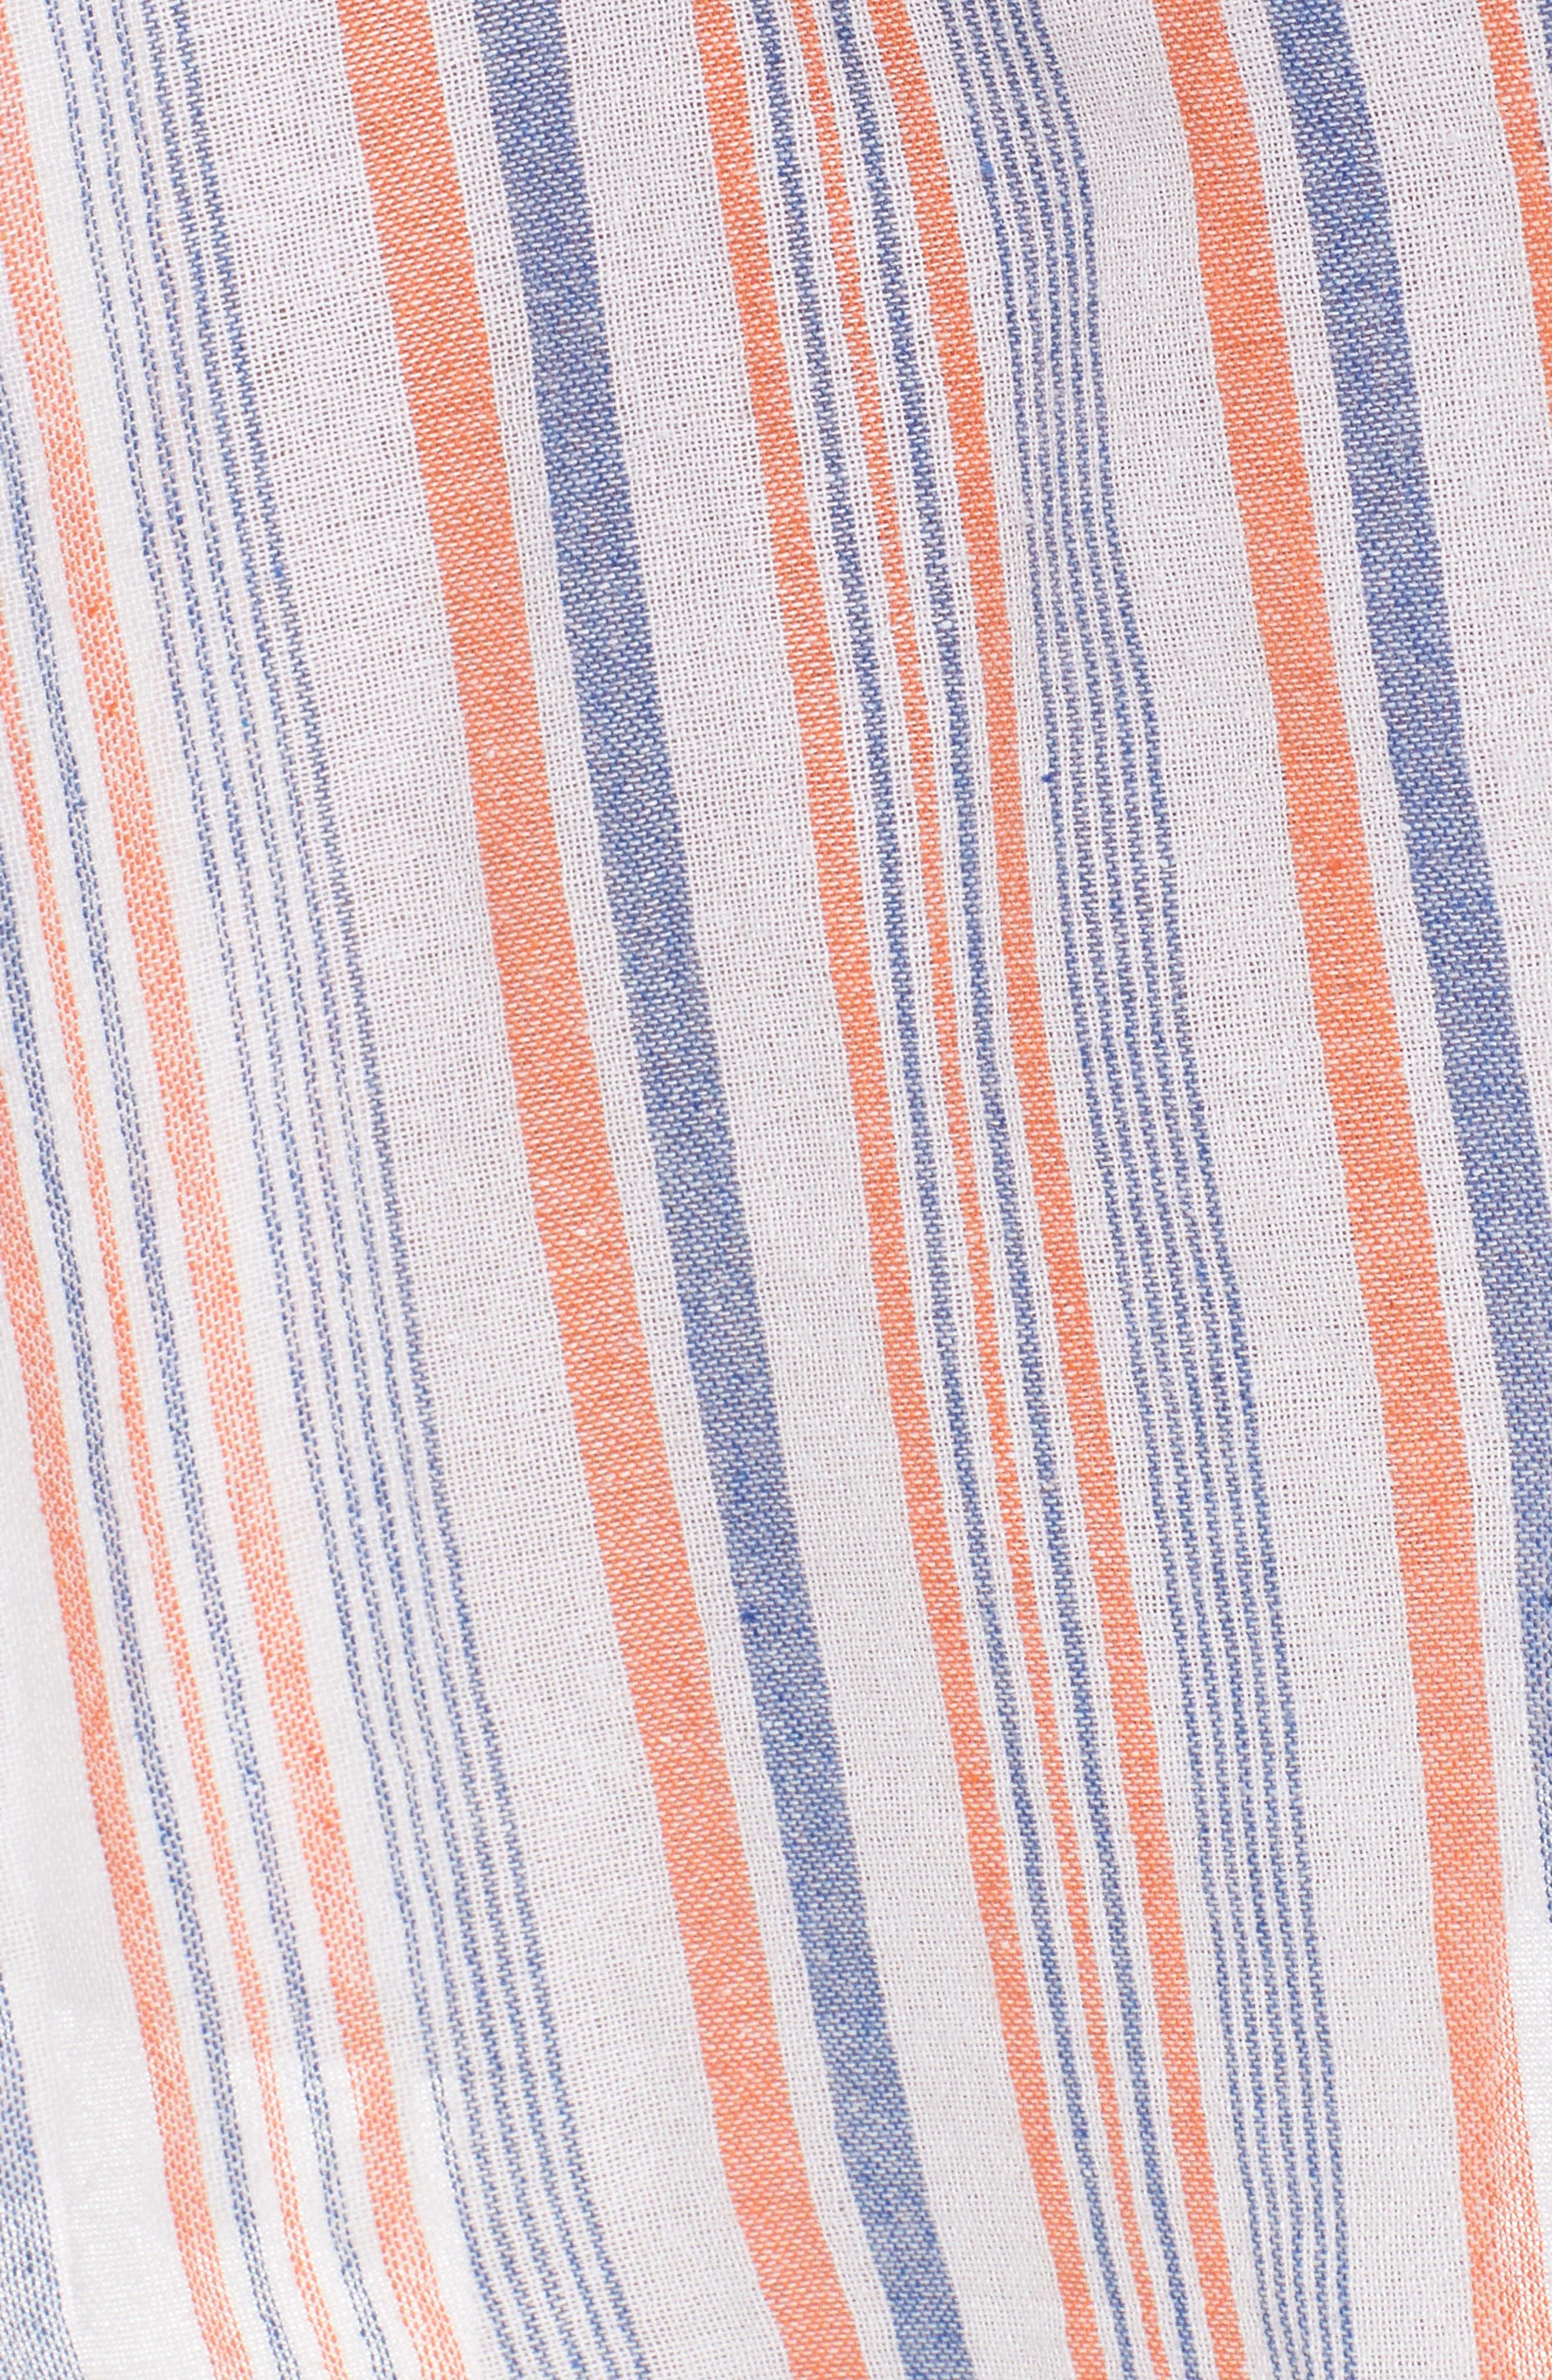 Stripe Halter Dress,                             Alternate thumbnail 5, color,                             951